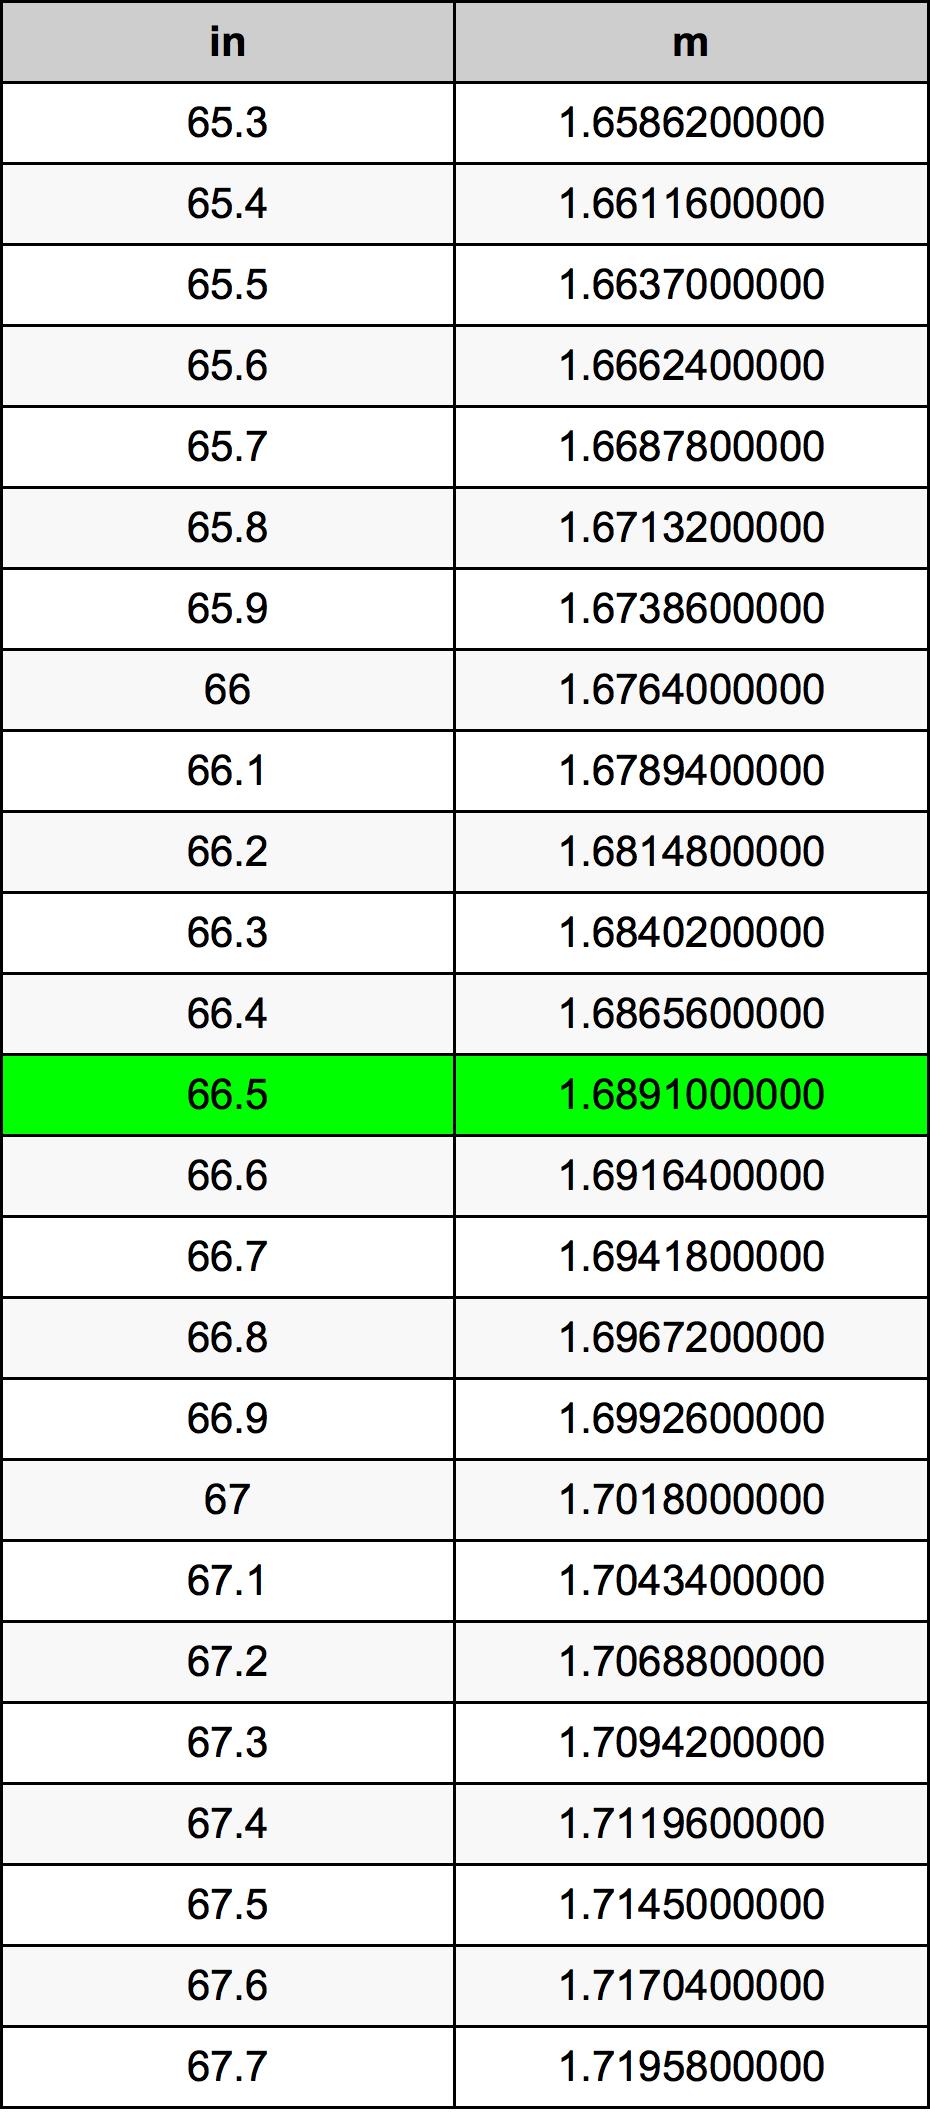 66.5 Polegada tabela de conversão